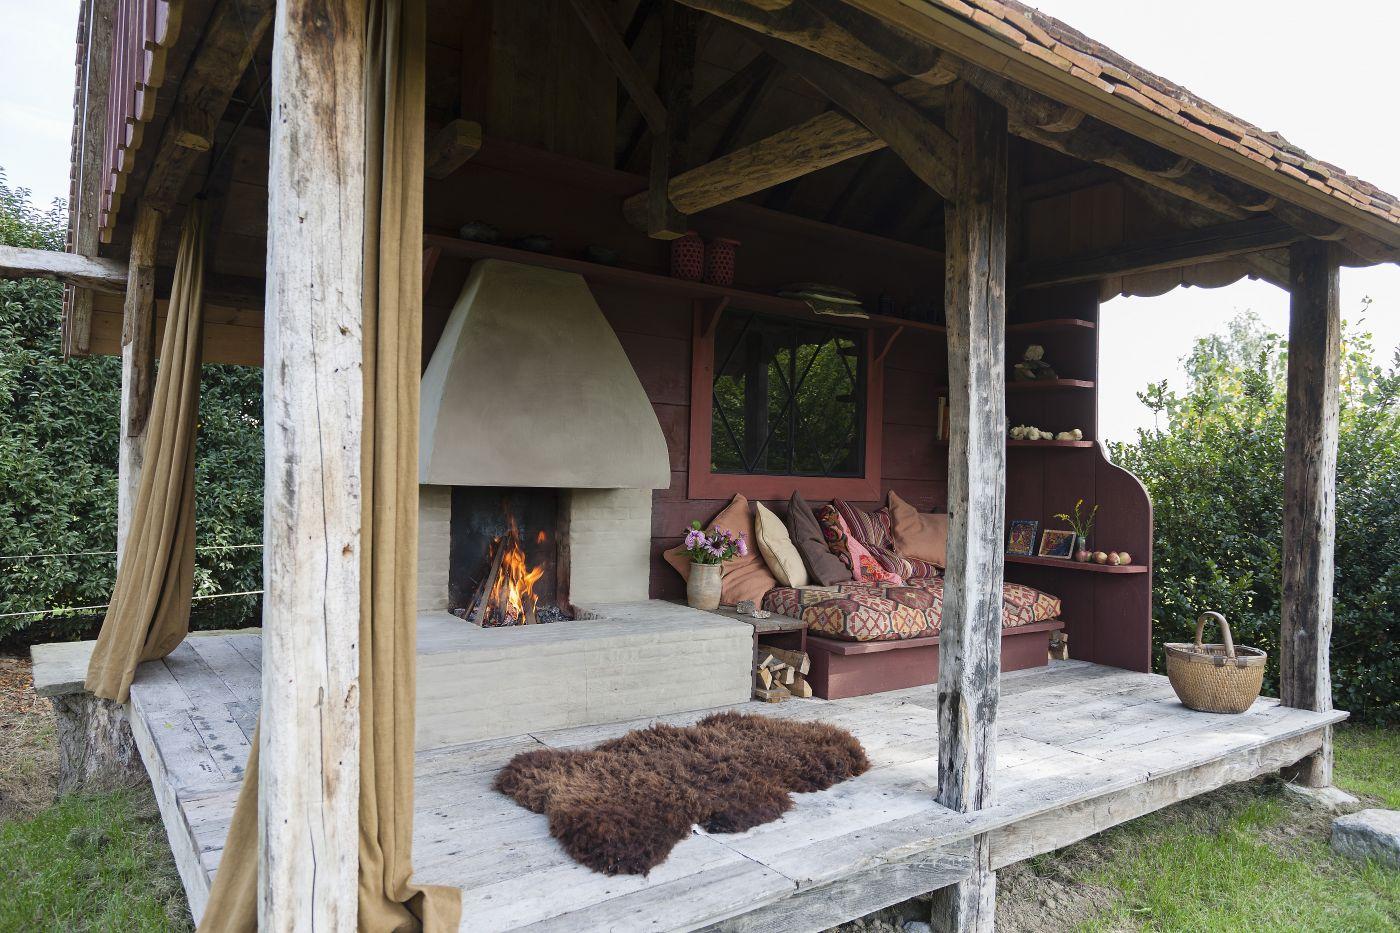 Van apers oude bouwmaterialen antieke haarden sierschouwen schouwen stijlschouwen rustiek - Type marmer met foto ...